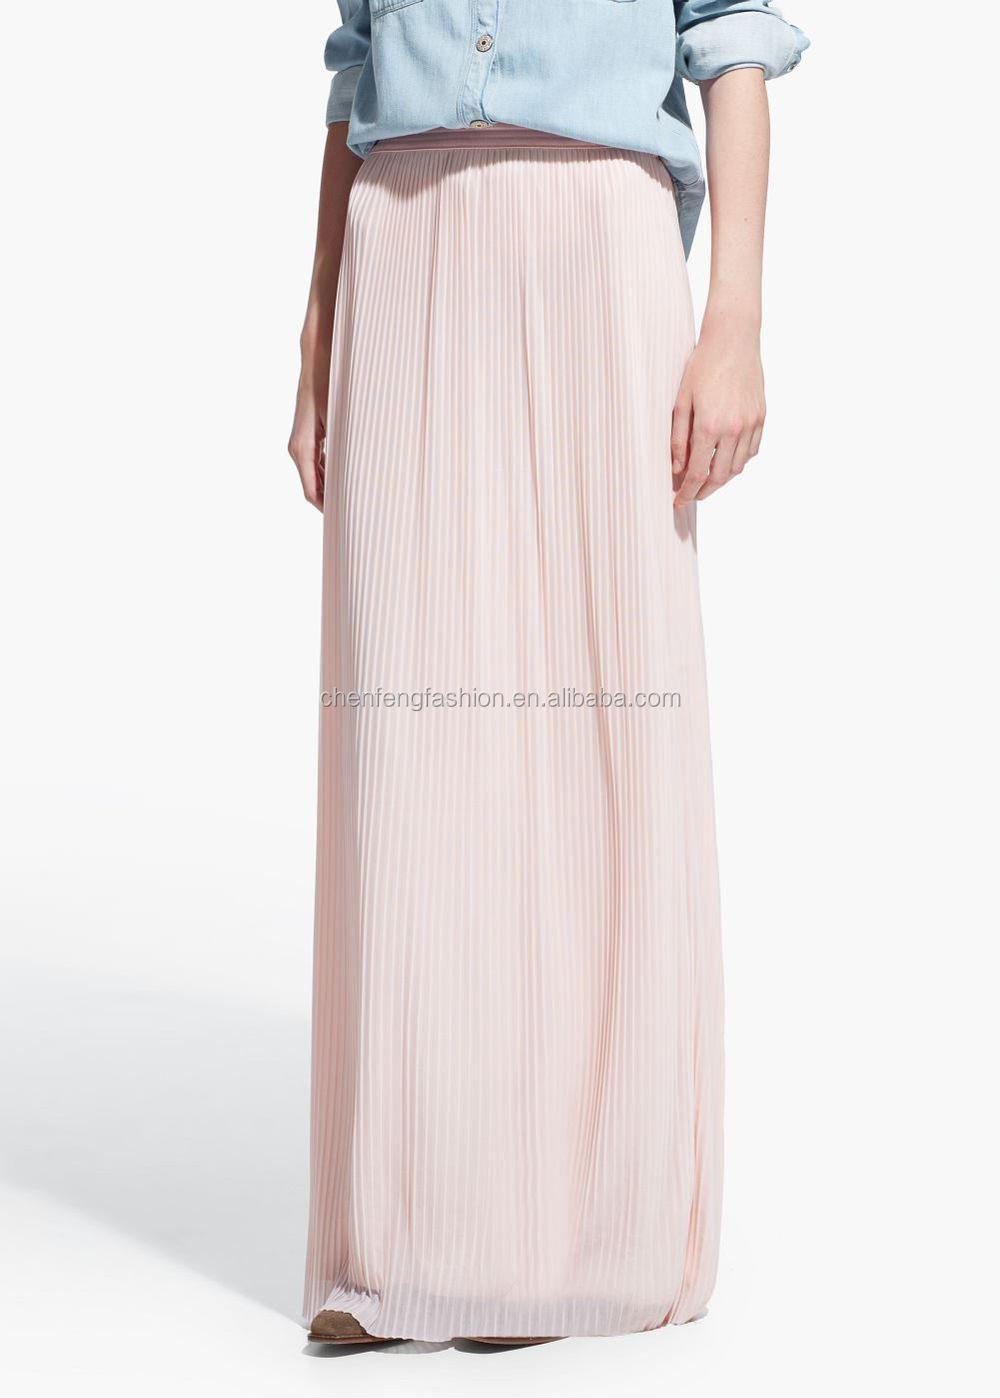 pleated elastic waist maxi skirts custom muslim